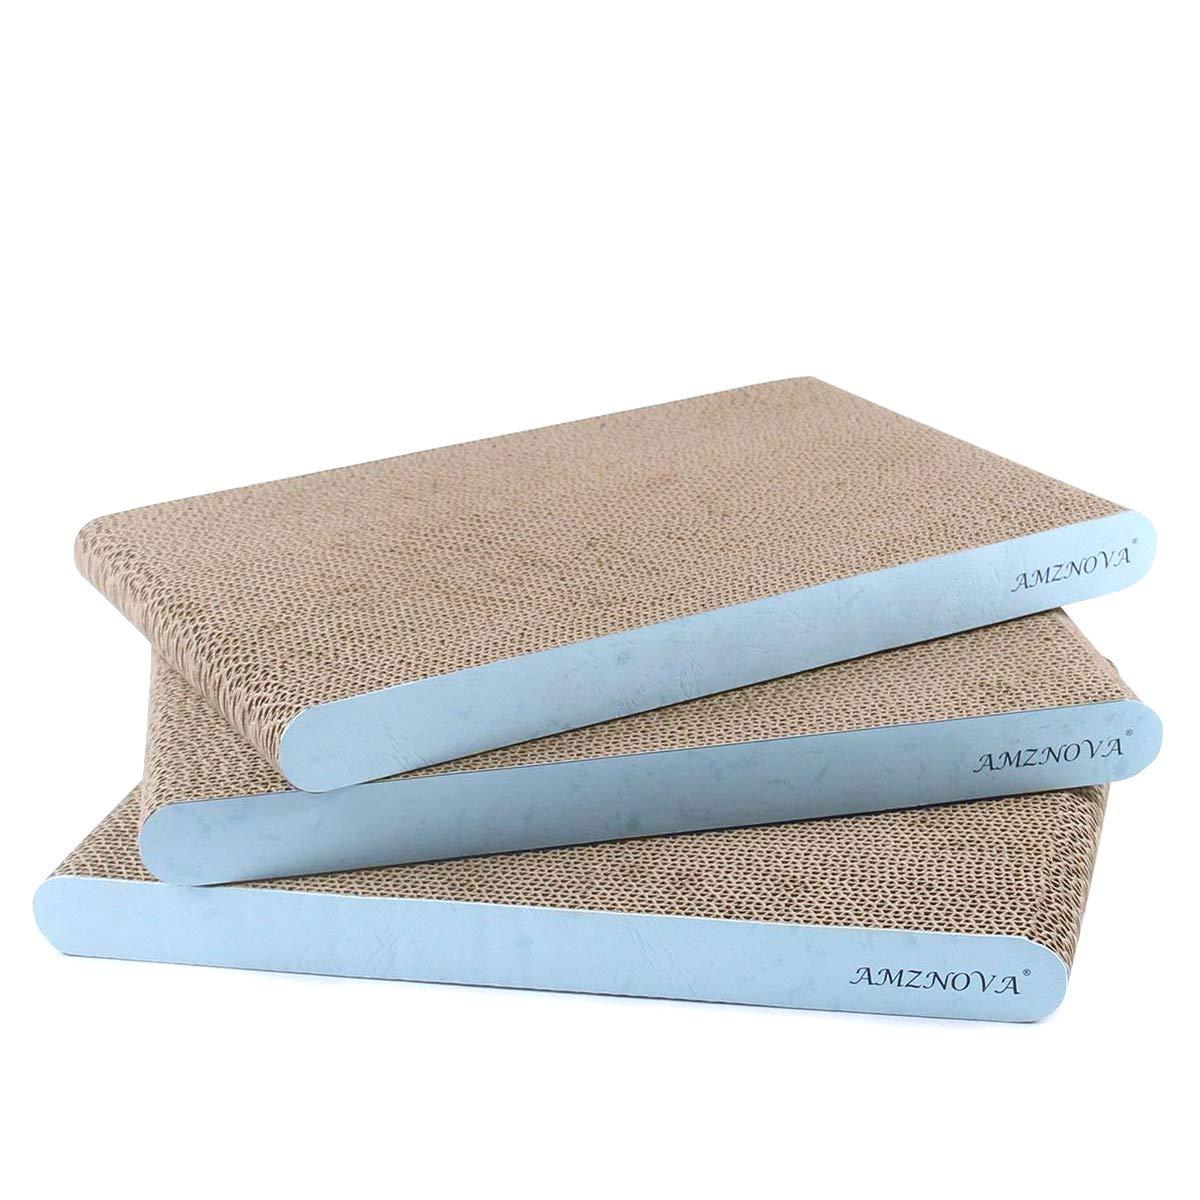 AMZNOVA Cat Scratcher Cardboard Scratching Pads Scratch Lounge Sofa Bed, Wide, Baby Blue, 3 Pack by AMZNOVA